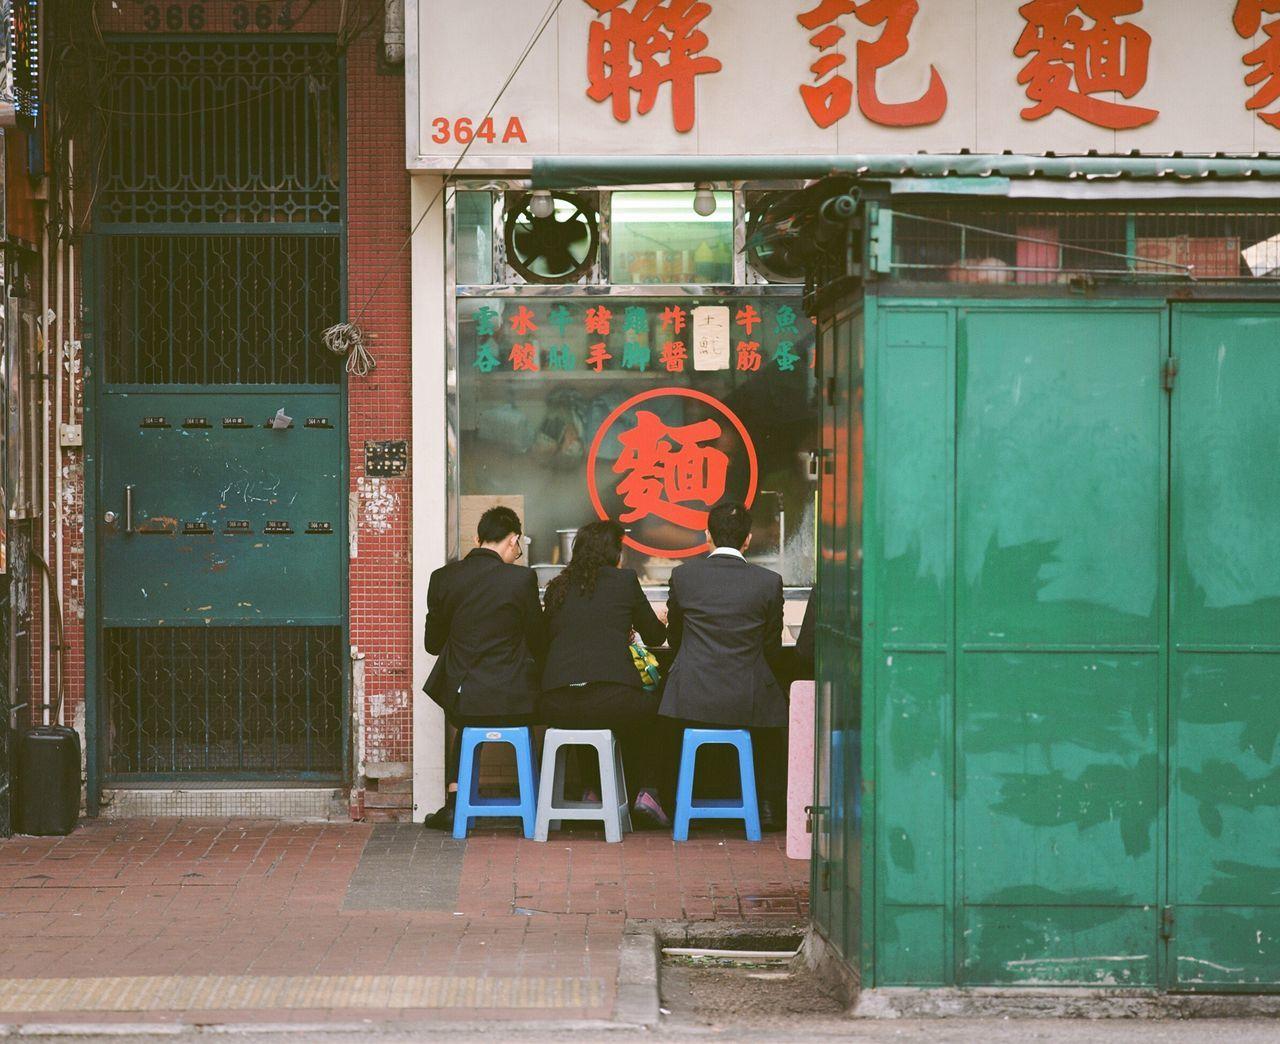 PENTAX67 Pentax 67 Pentax Street Streetphotography Street Photography Film Kodak Kodakfilm Kodakektar100 Kodak Ektar 100 120 Film Film Photography Filmphotography Filmcamera HongKong Hong Kong